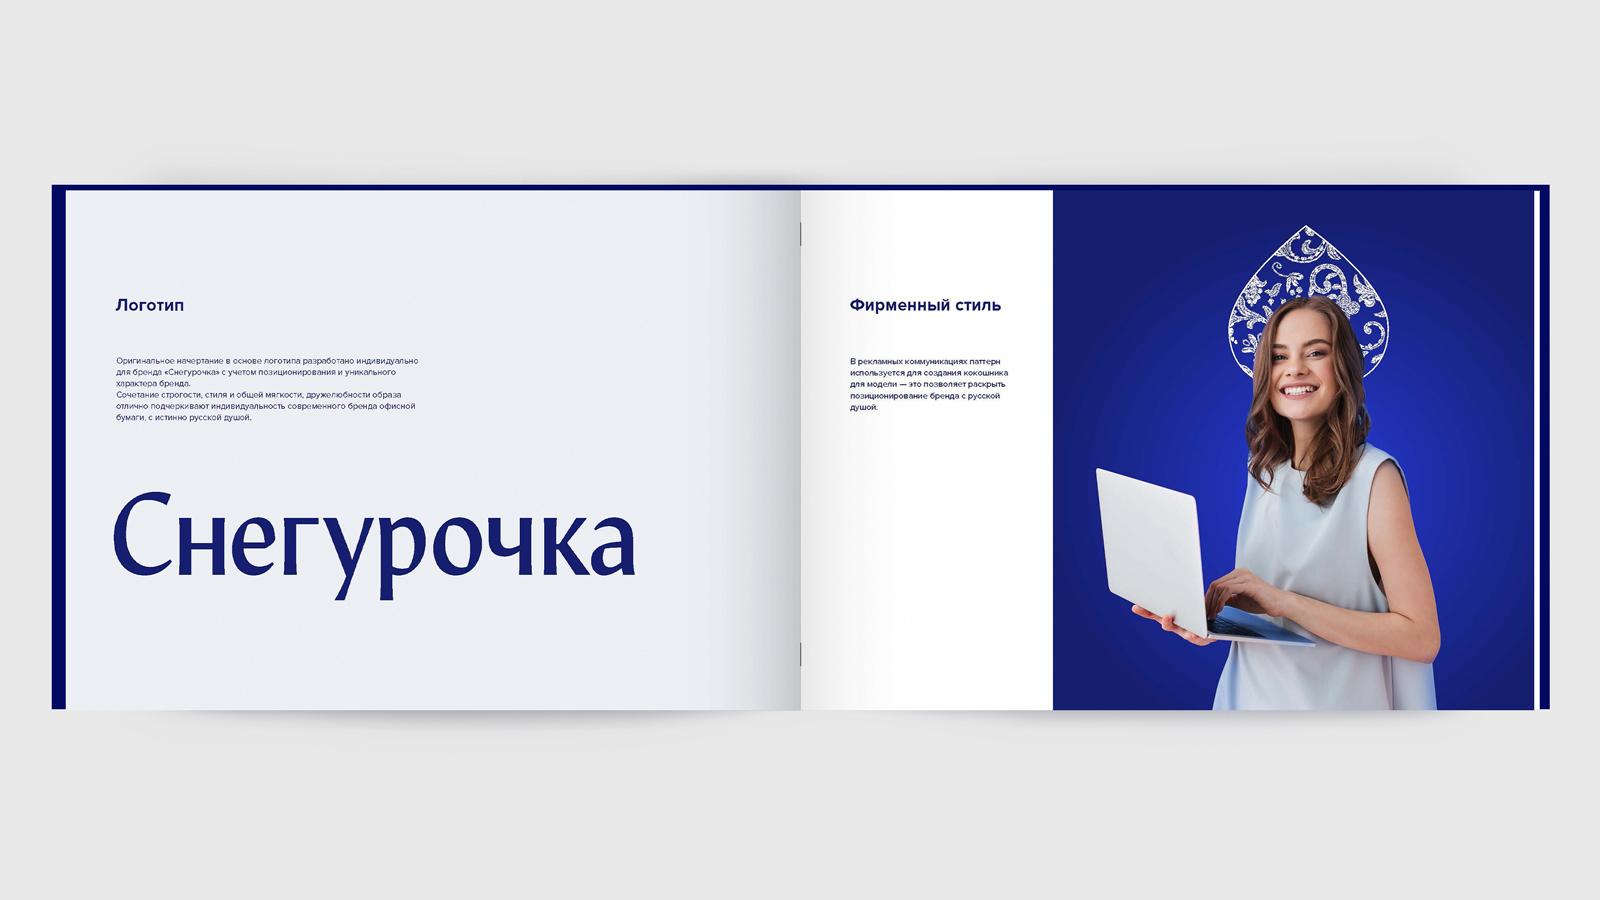 Создание брендбука для бренда офисной бумаги «Снегурочка», который содержит информацию о использовании фирменного стиля